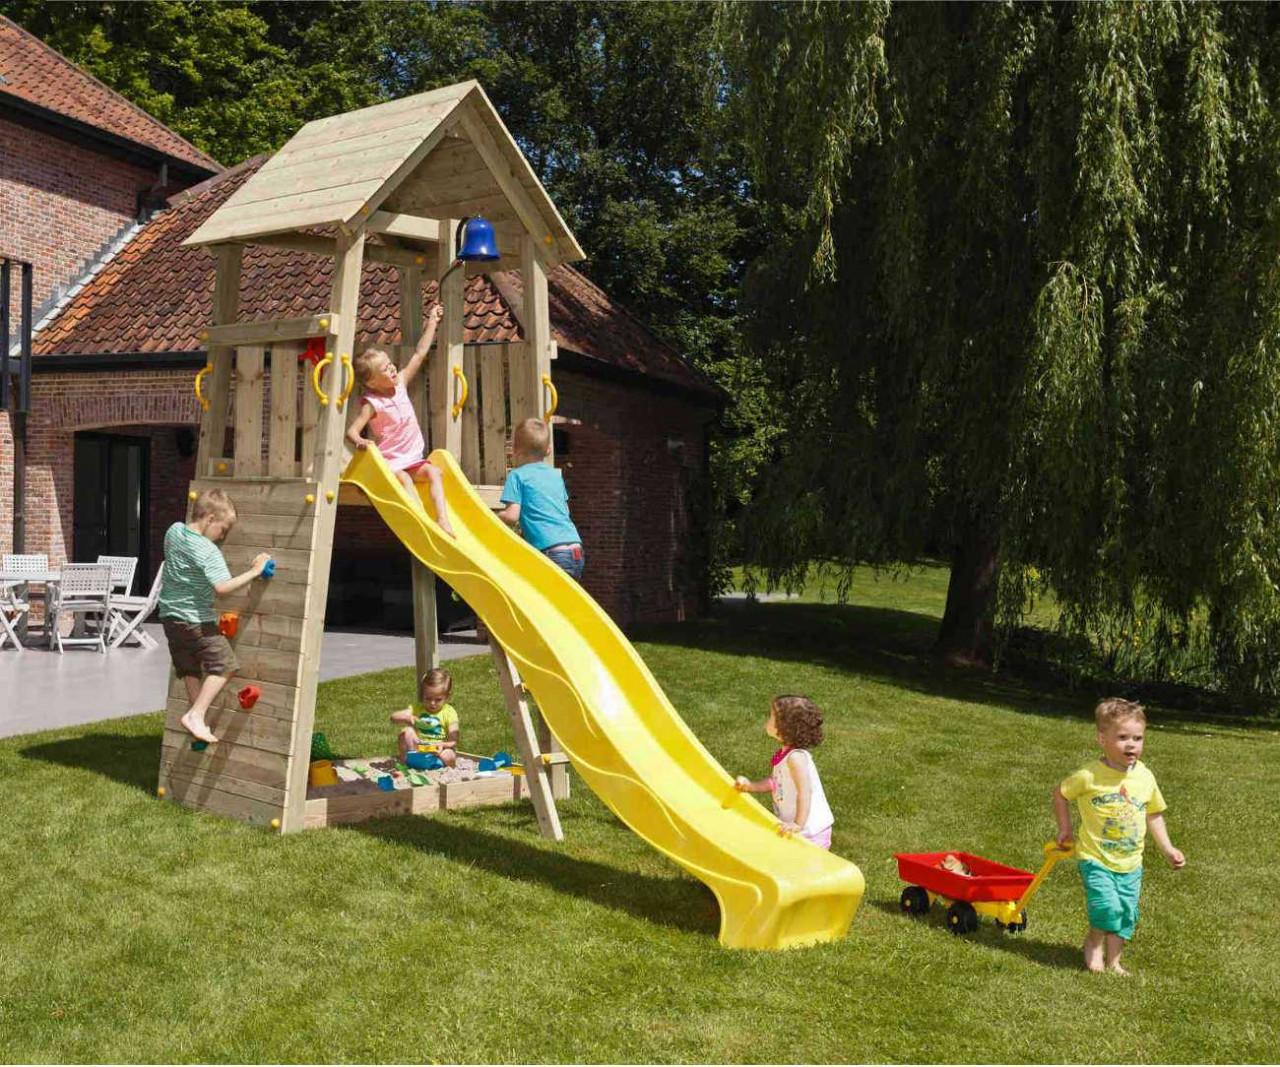 Full Size of Schaukel Garten Erwachsene Kinderspielturm Belvedere 150 10003 Douglasie Eckbank Lounge Set Whirlpool Aufblasbar Kugelleuchten Spielhaus Spielanlage Wohnzimmer Schaukel Garten Erwachsene